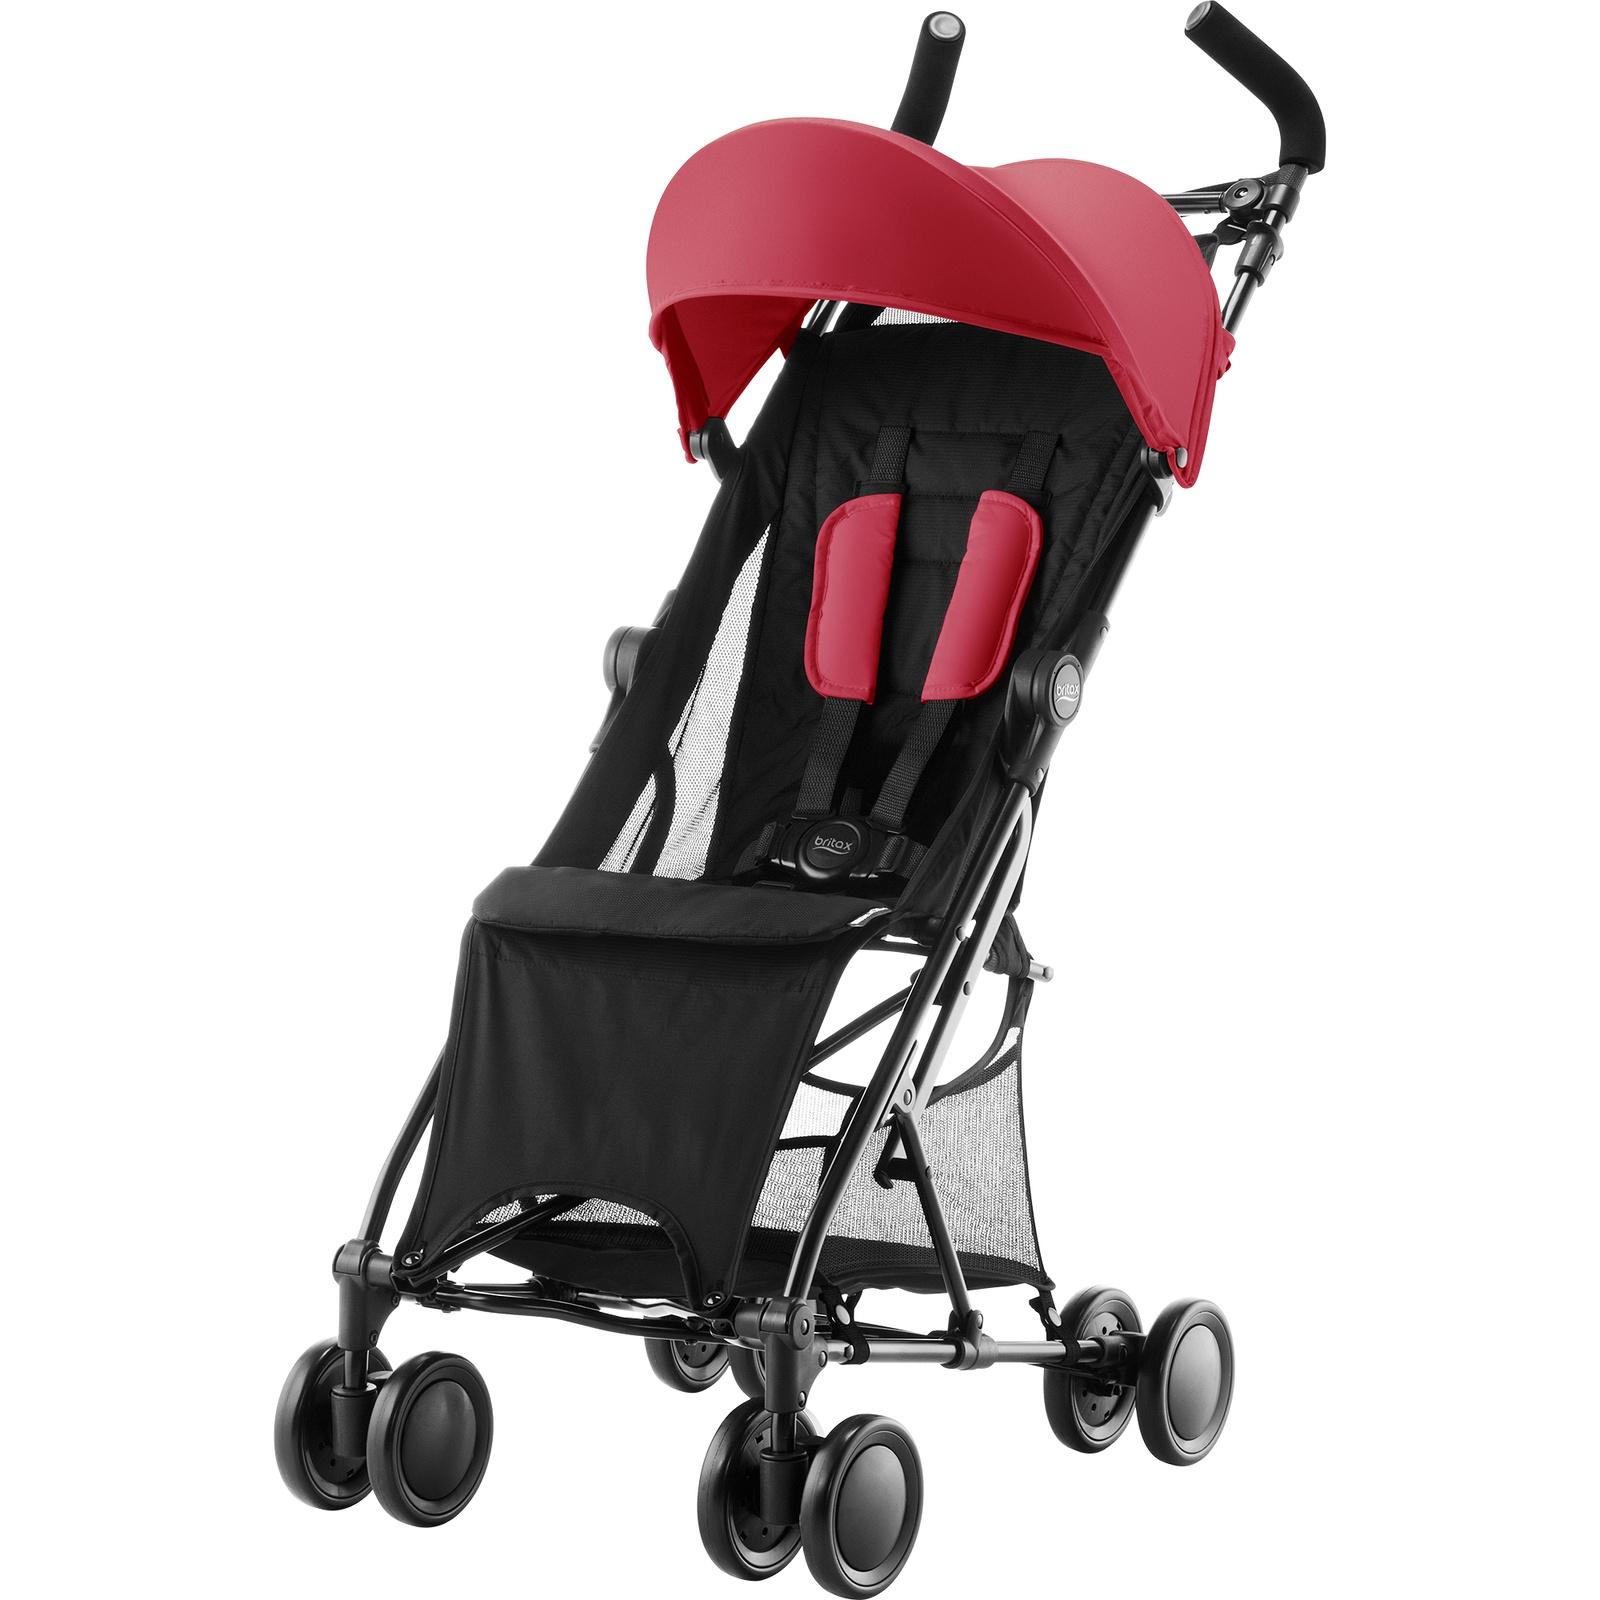 Детская прогулочная коляска Britax Roemer Holiday Flame Red